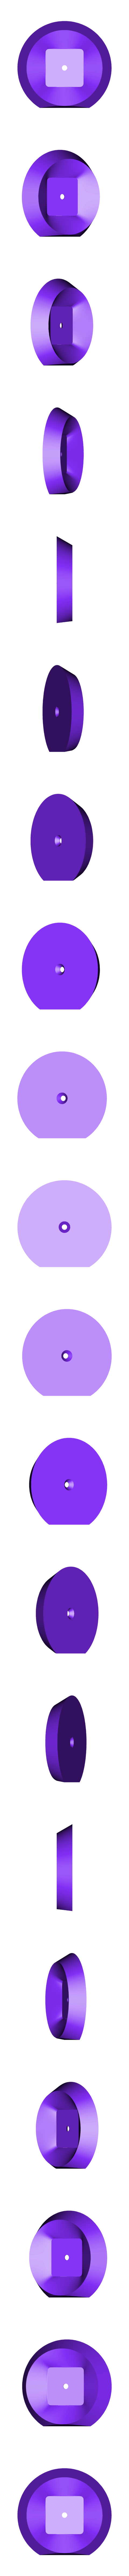 078e2b8d 448a 4dd4 a06c 0c051fe733ca